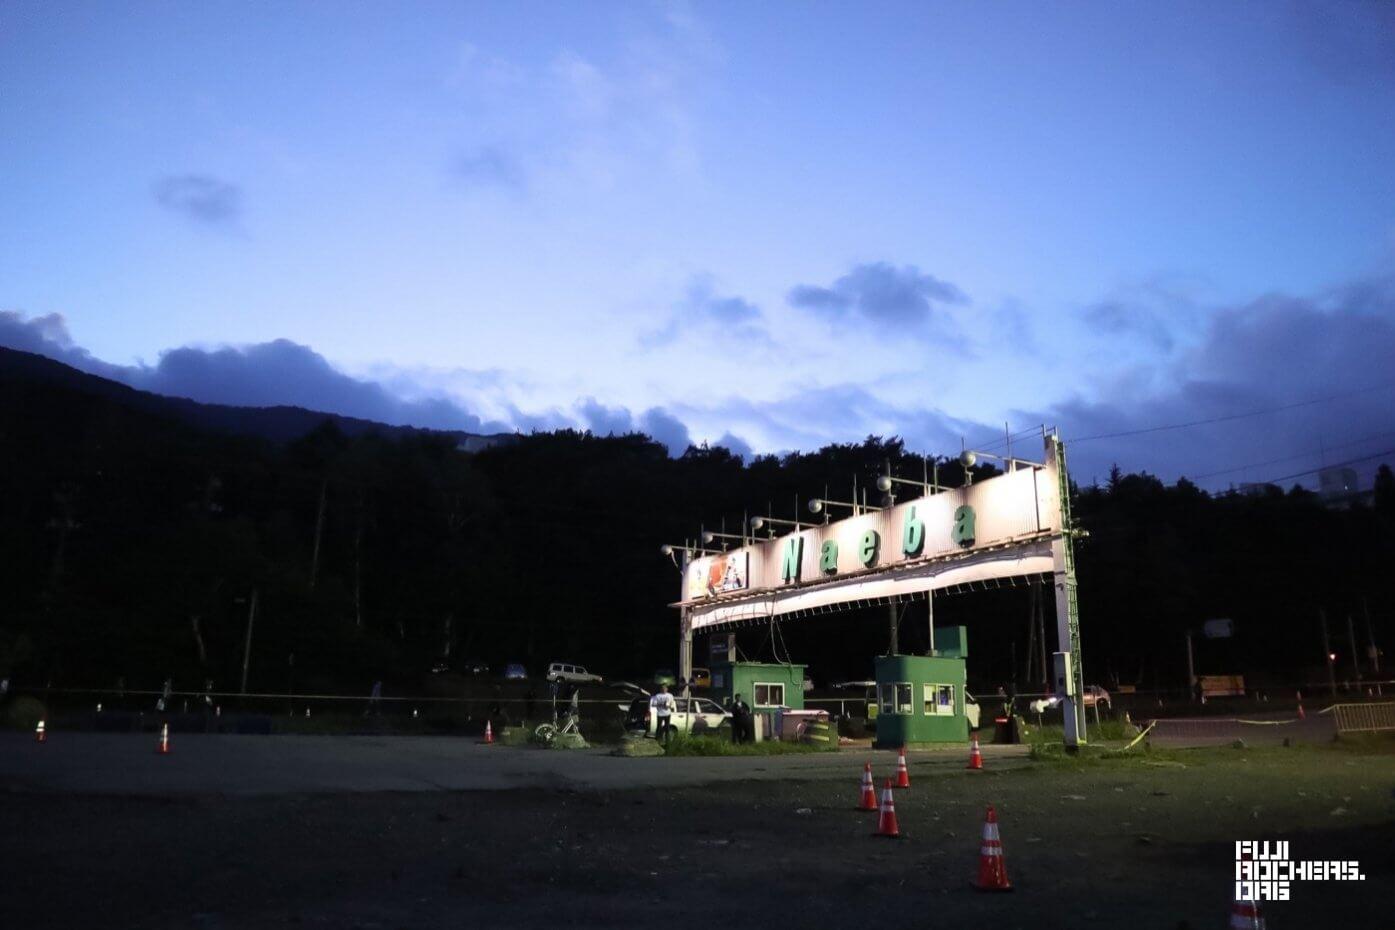 帰るまでがフジロック!!! ー 7月30日(月)始発新幹線 ー